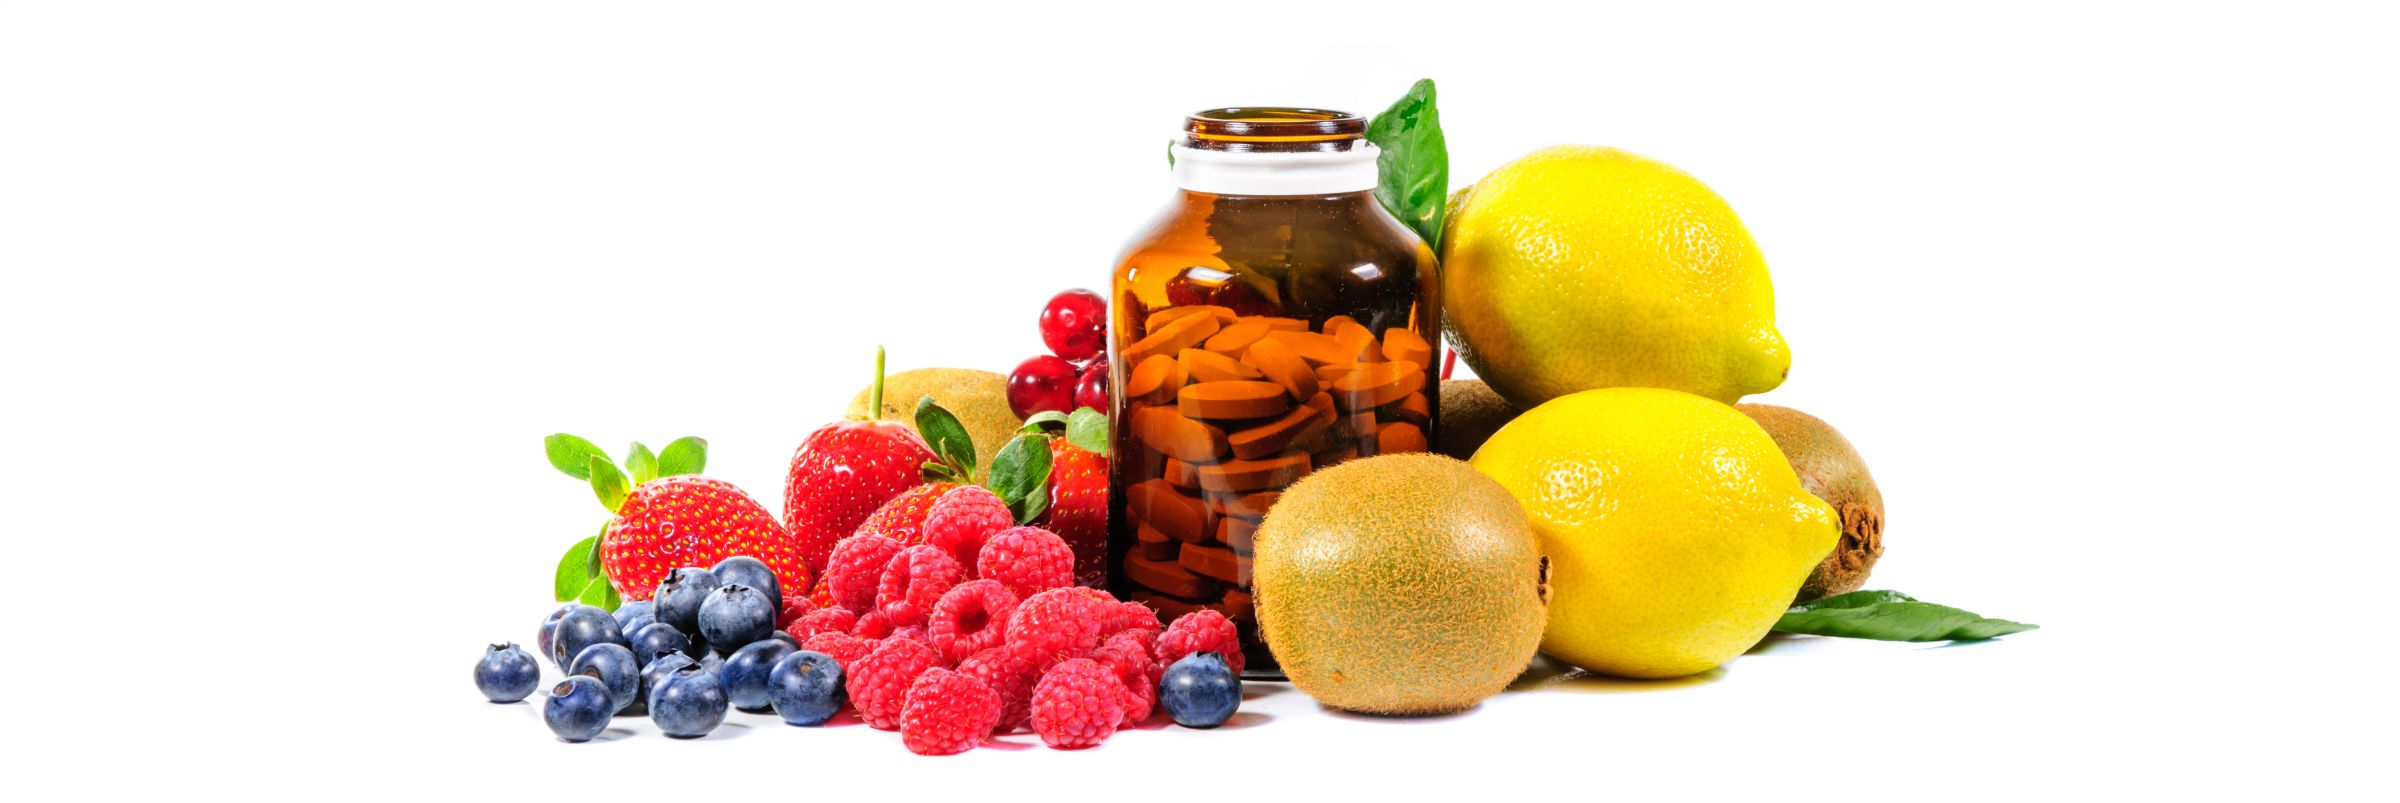 Обогащение витаминов и минералов